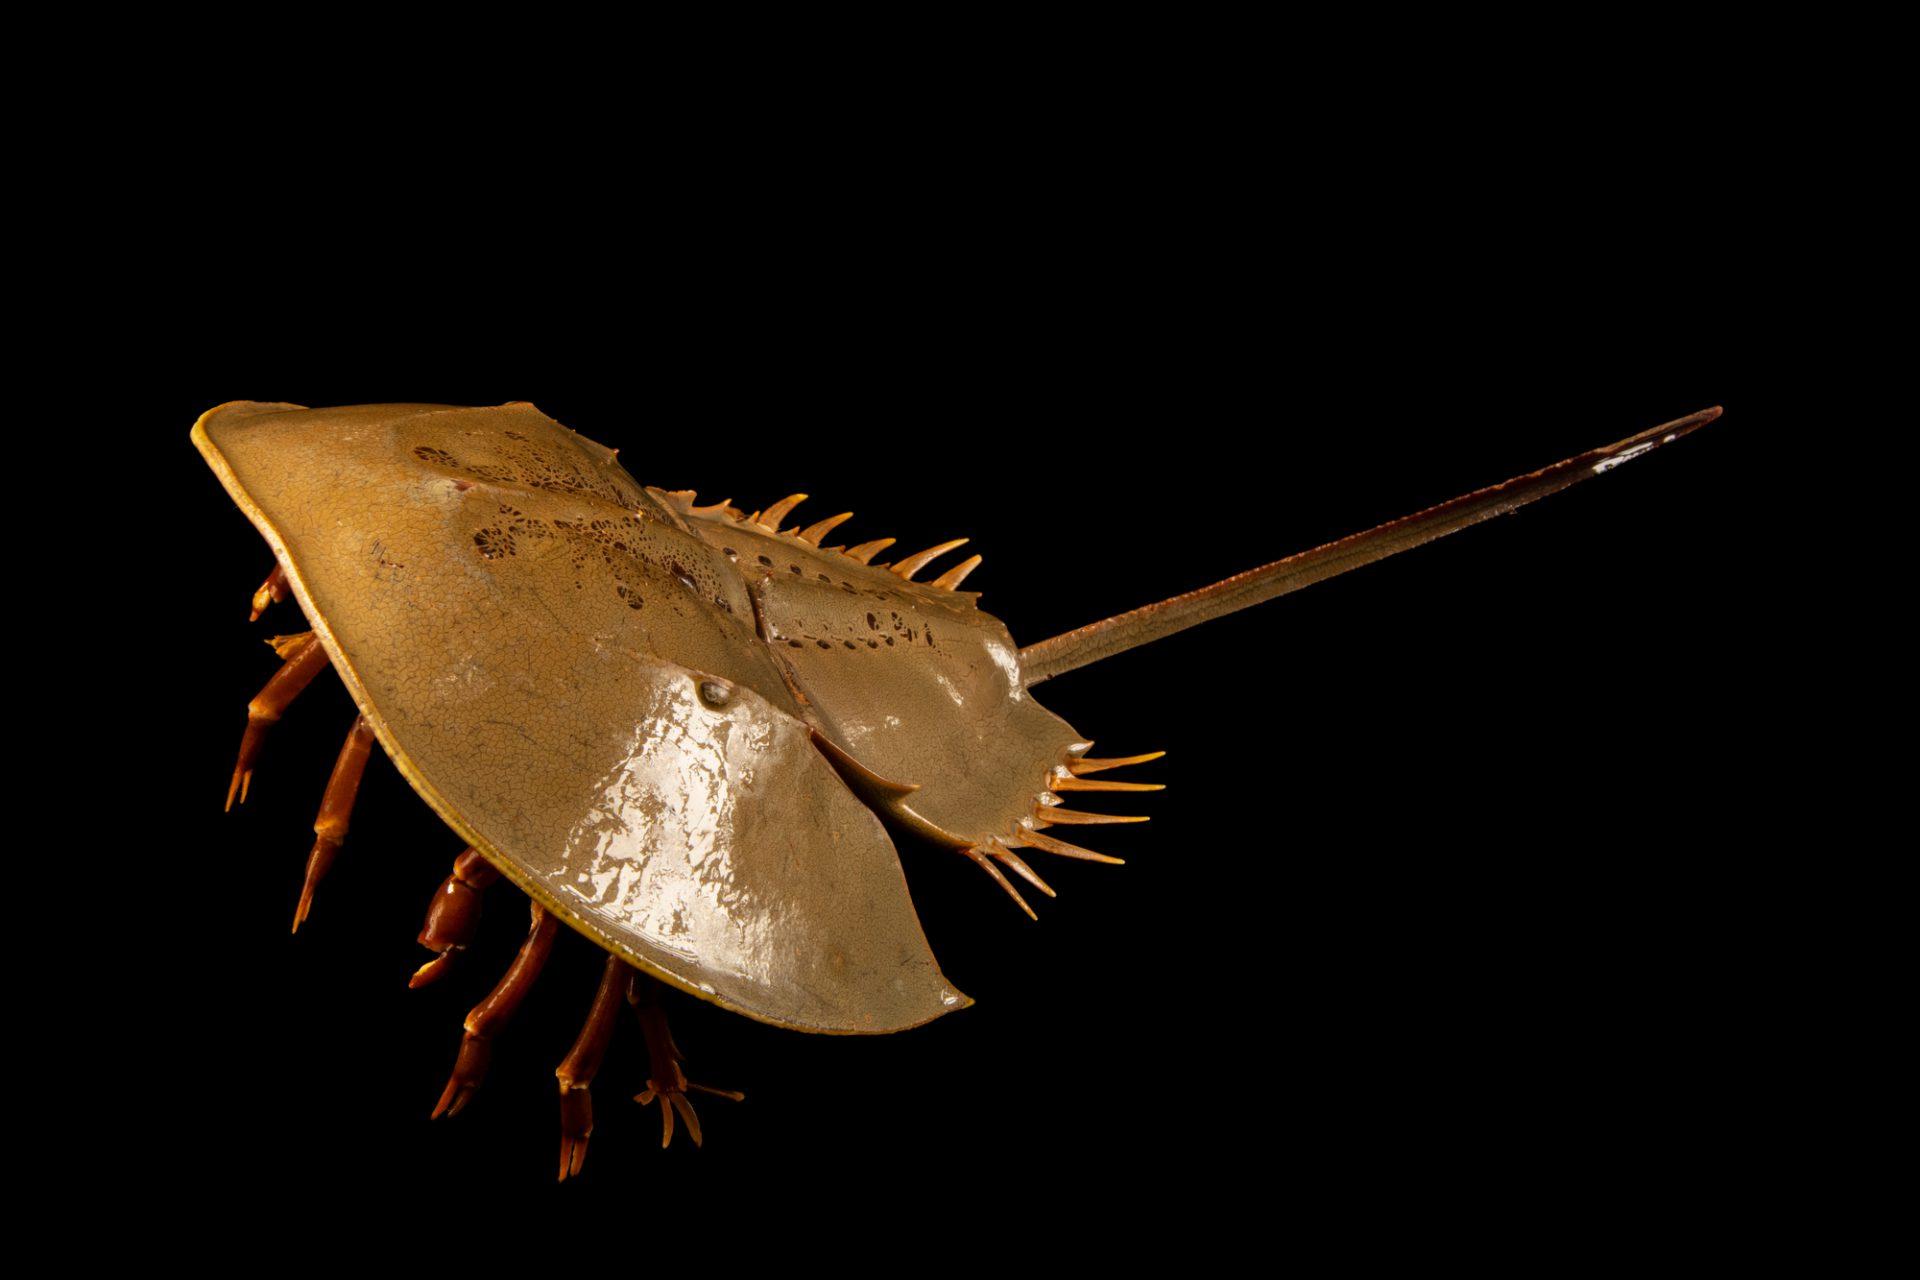 Photo: Mangrove horseshoe crab (Carcinoscorpius rotundicauda) at the Singapore Zoo.